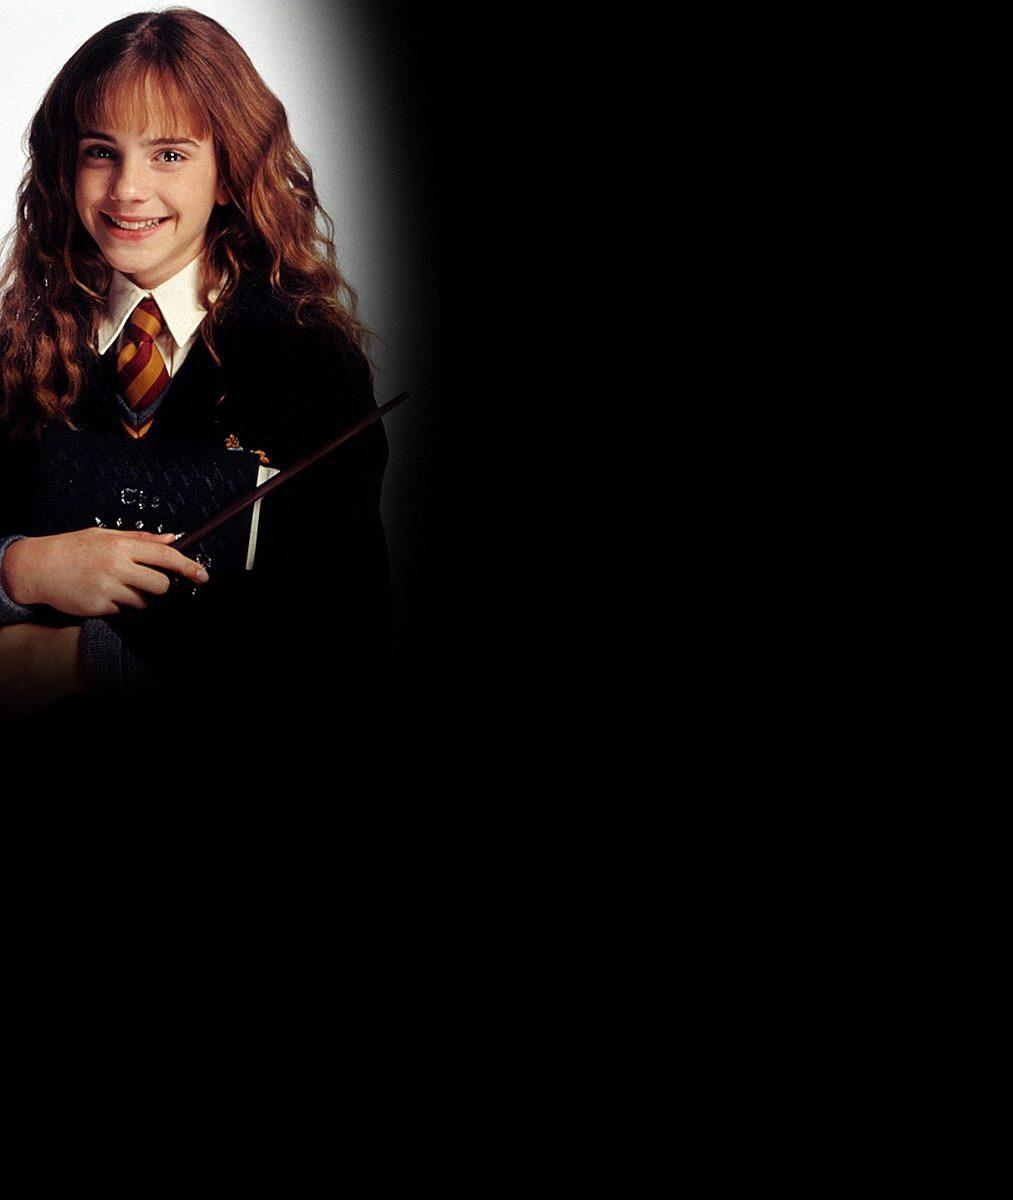 Z roztomilé čarodějky je půvabná mladá žena: Takhle vyrostla do krásy Hermiona z Harryho Pottera